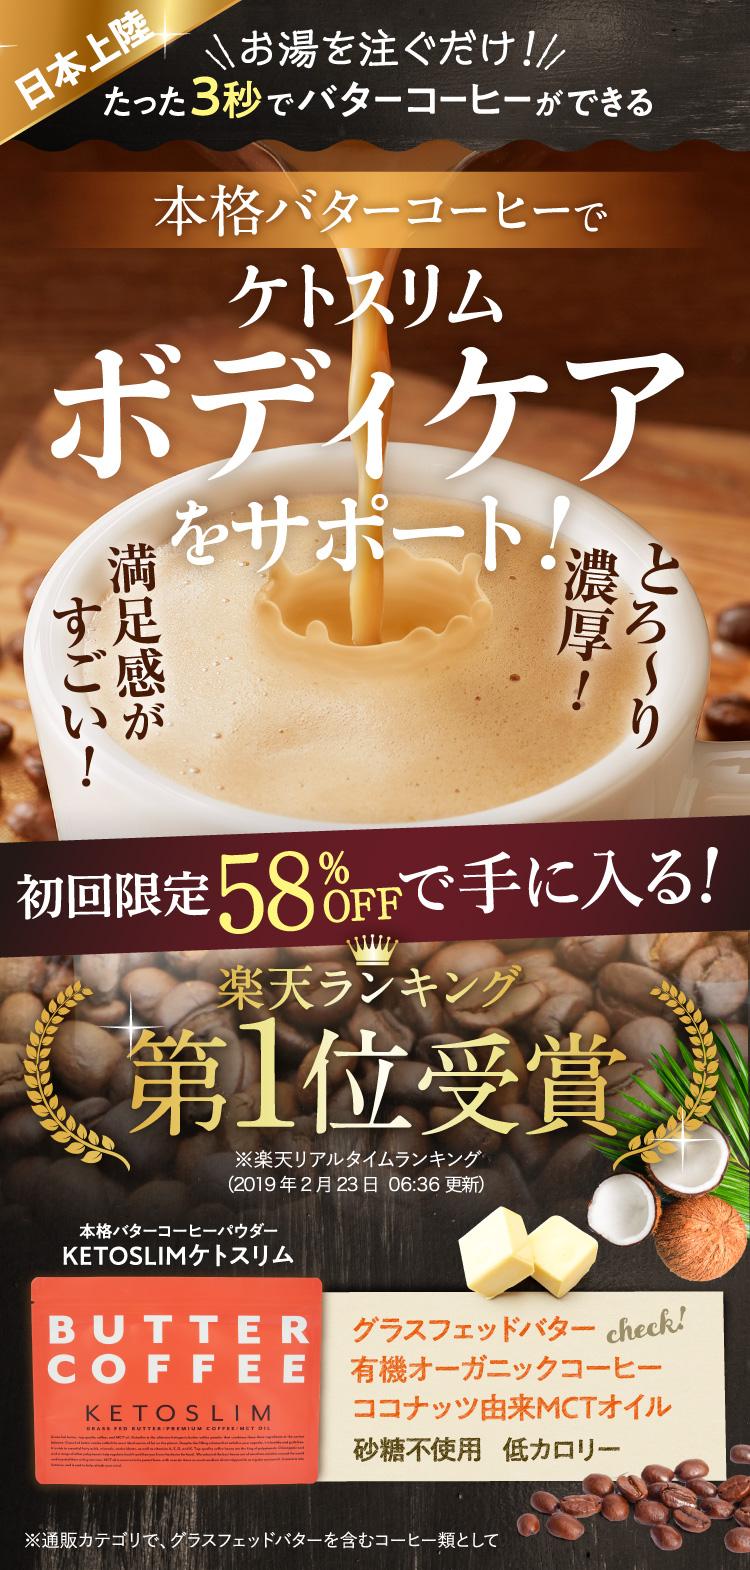 日本上陸! お湯を注ぐだけ!たった3秒でバターコーヒーができる。本格バターコーヒーでケトスリムボディケアををサポート!期間限定72%OFFで手に入る!「本格バターコーヒーパウダーKETOSLIM -ケトスリム- 」 グラスフェッドバター/有機オーガニックコーヒー/ココナッツ由来MCTオイル/砂糖不使用/低カロリー